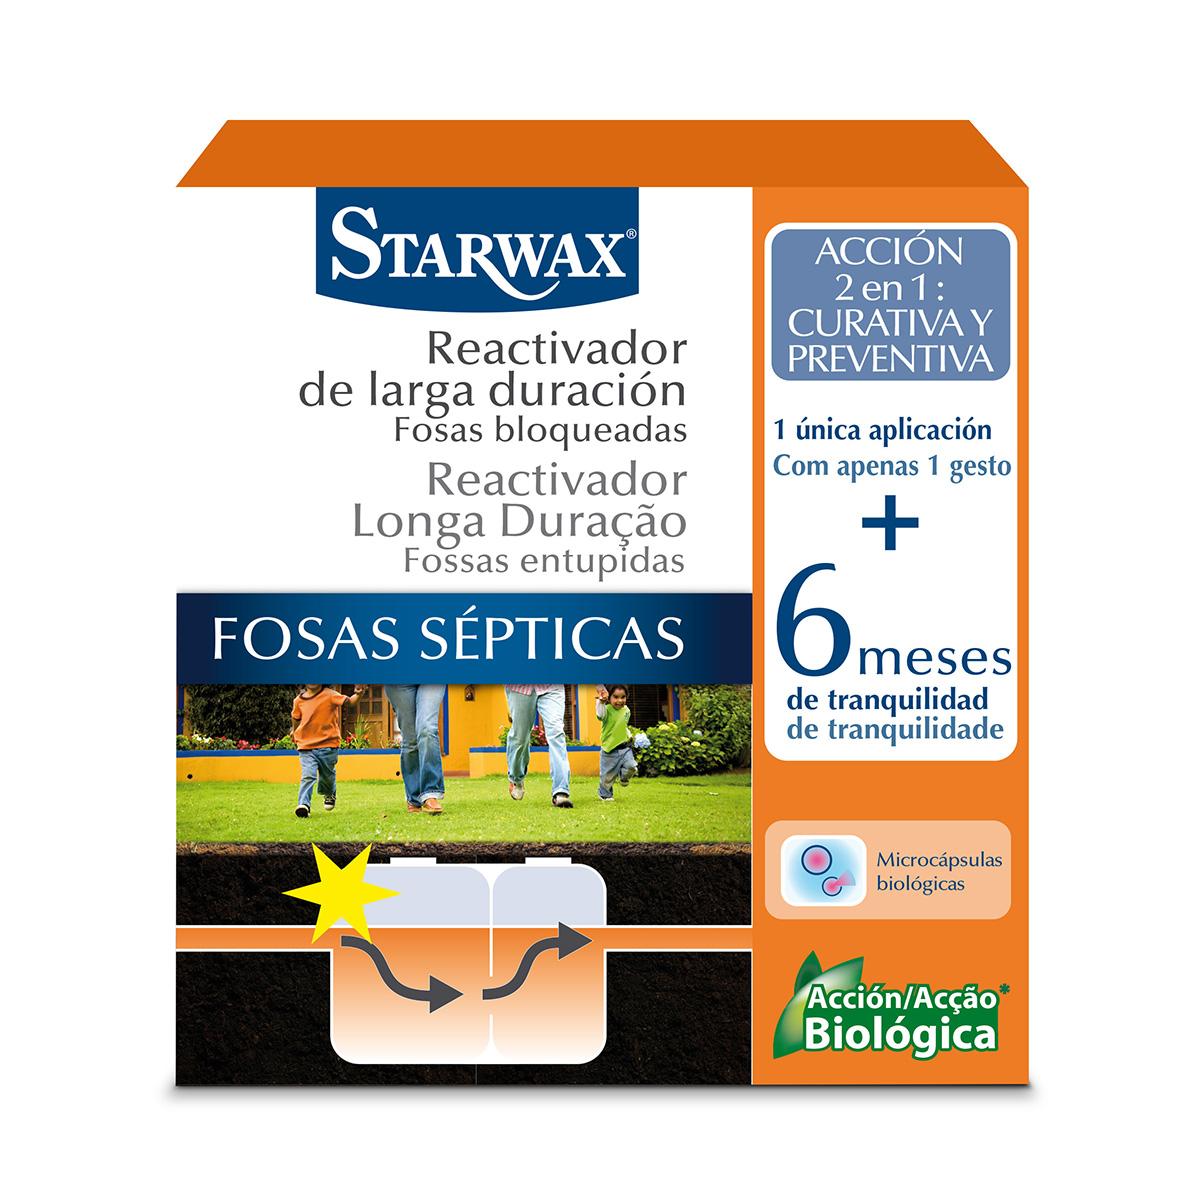 Reactivador de larga duración fosas septicas – Starwax